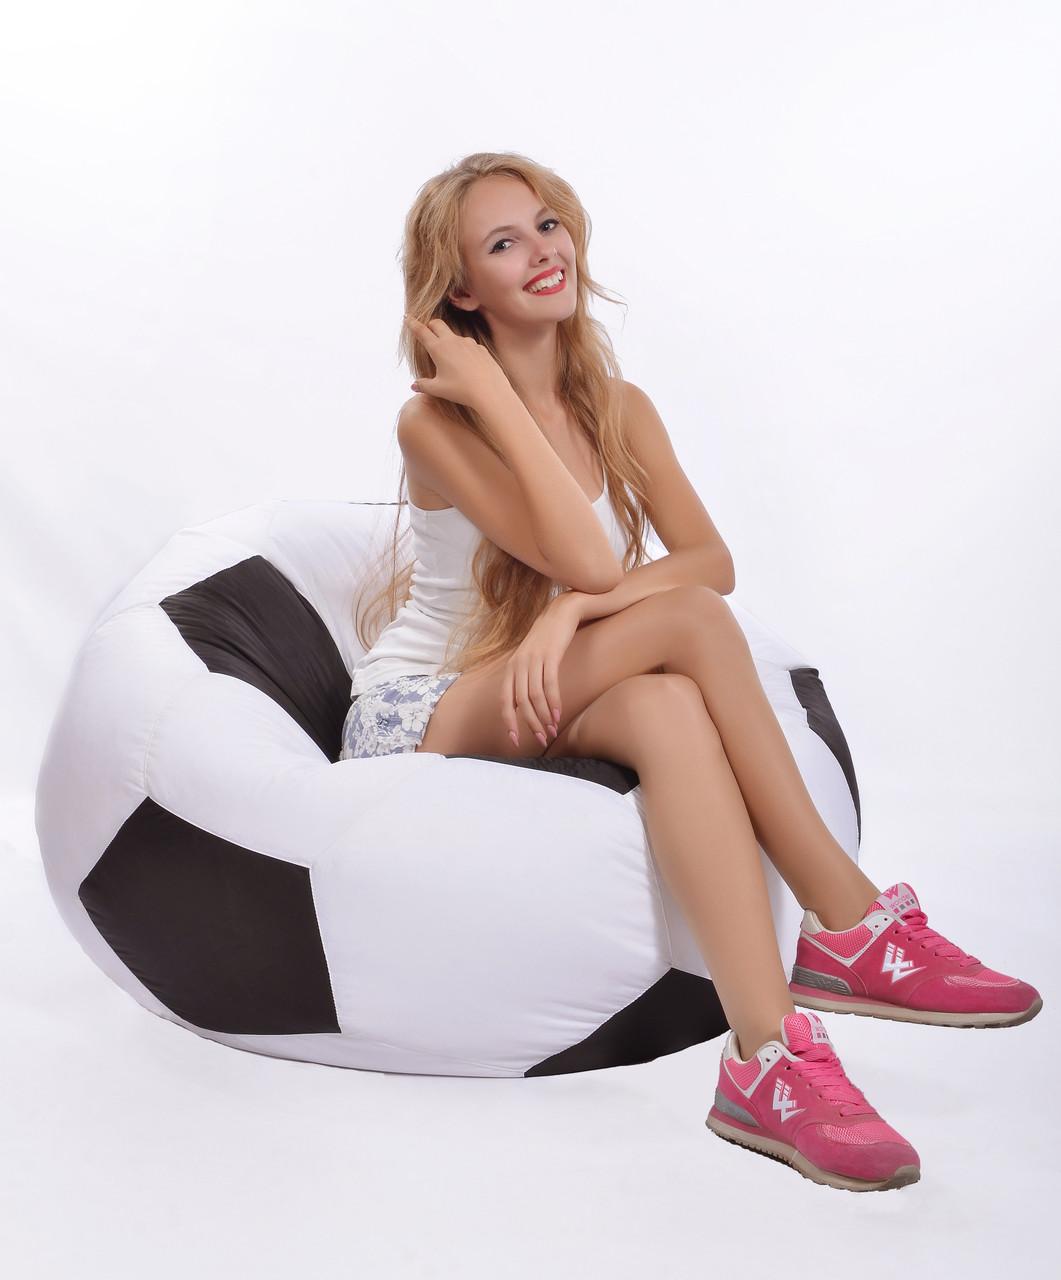 Кресло-мяч 100 см из ткани Оксфорд черно-белое, кресло-мешок мяч, фото 1